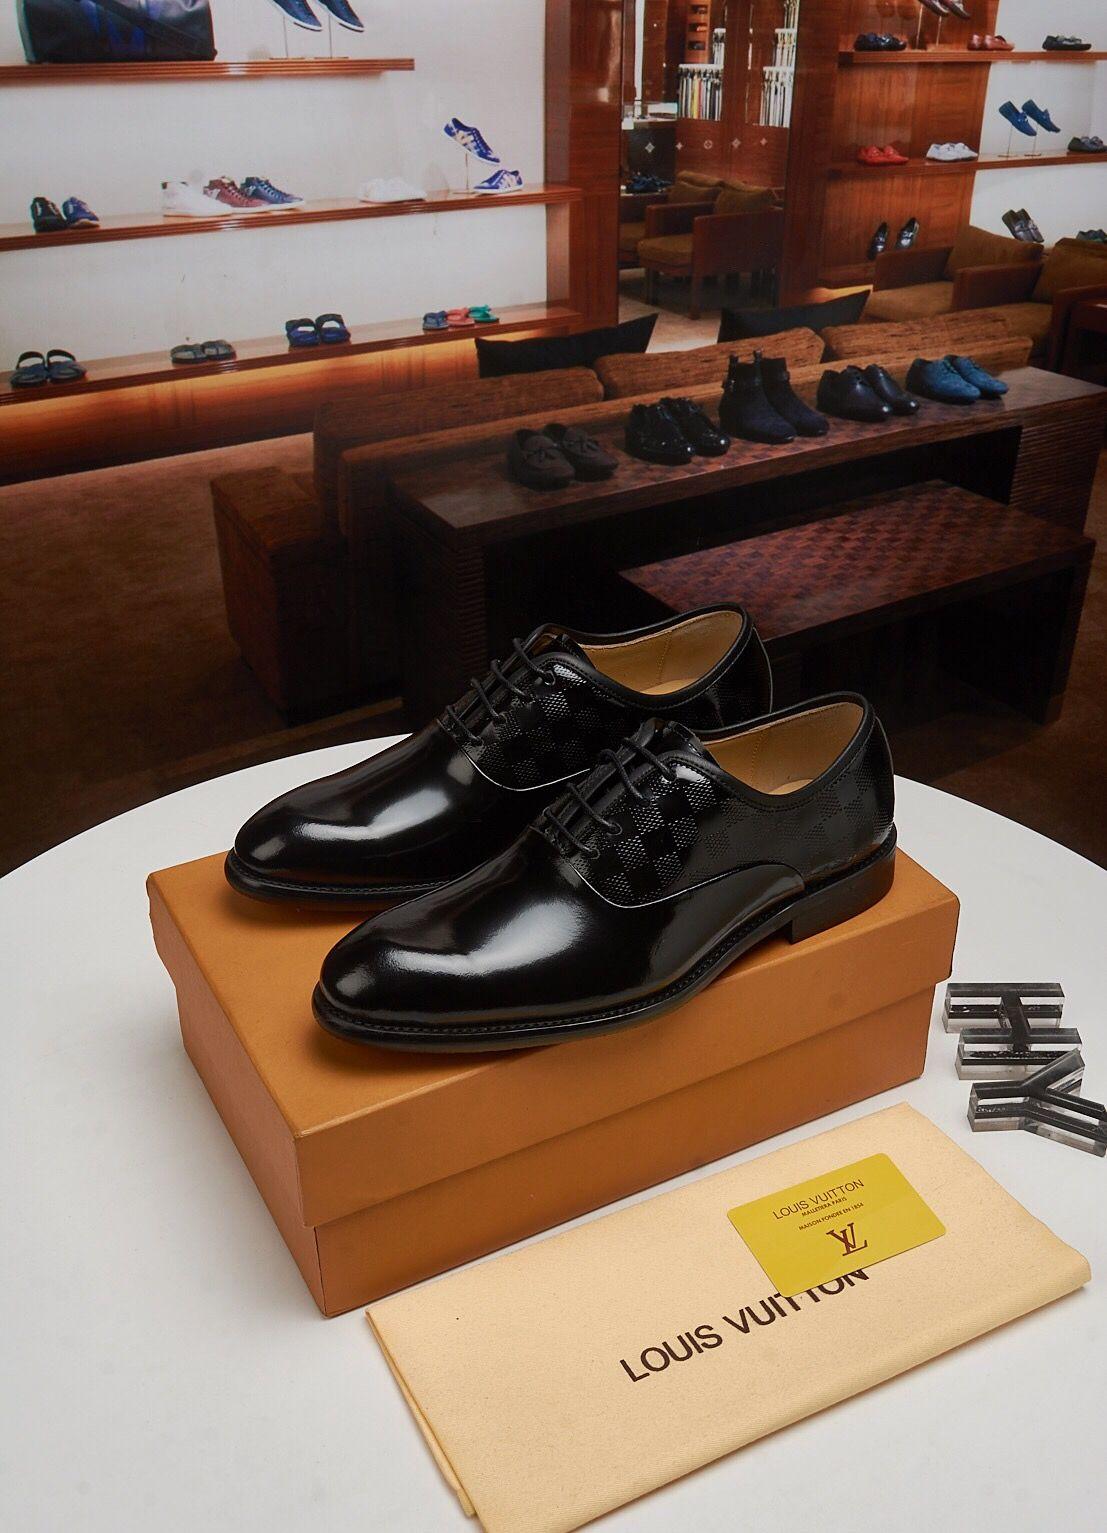 탑 럭셔리 남자 남성 캐주얼 드레스 영국 암소 정품 가죽 신발 플랫 작업 봄 가을 손수 크기 45